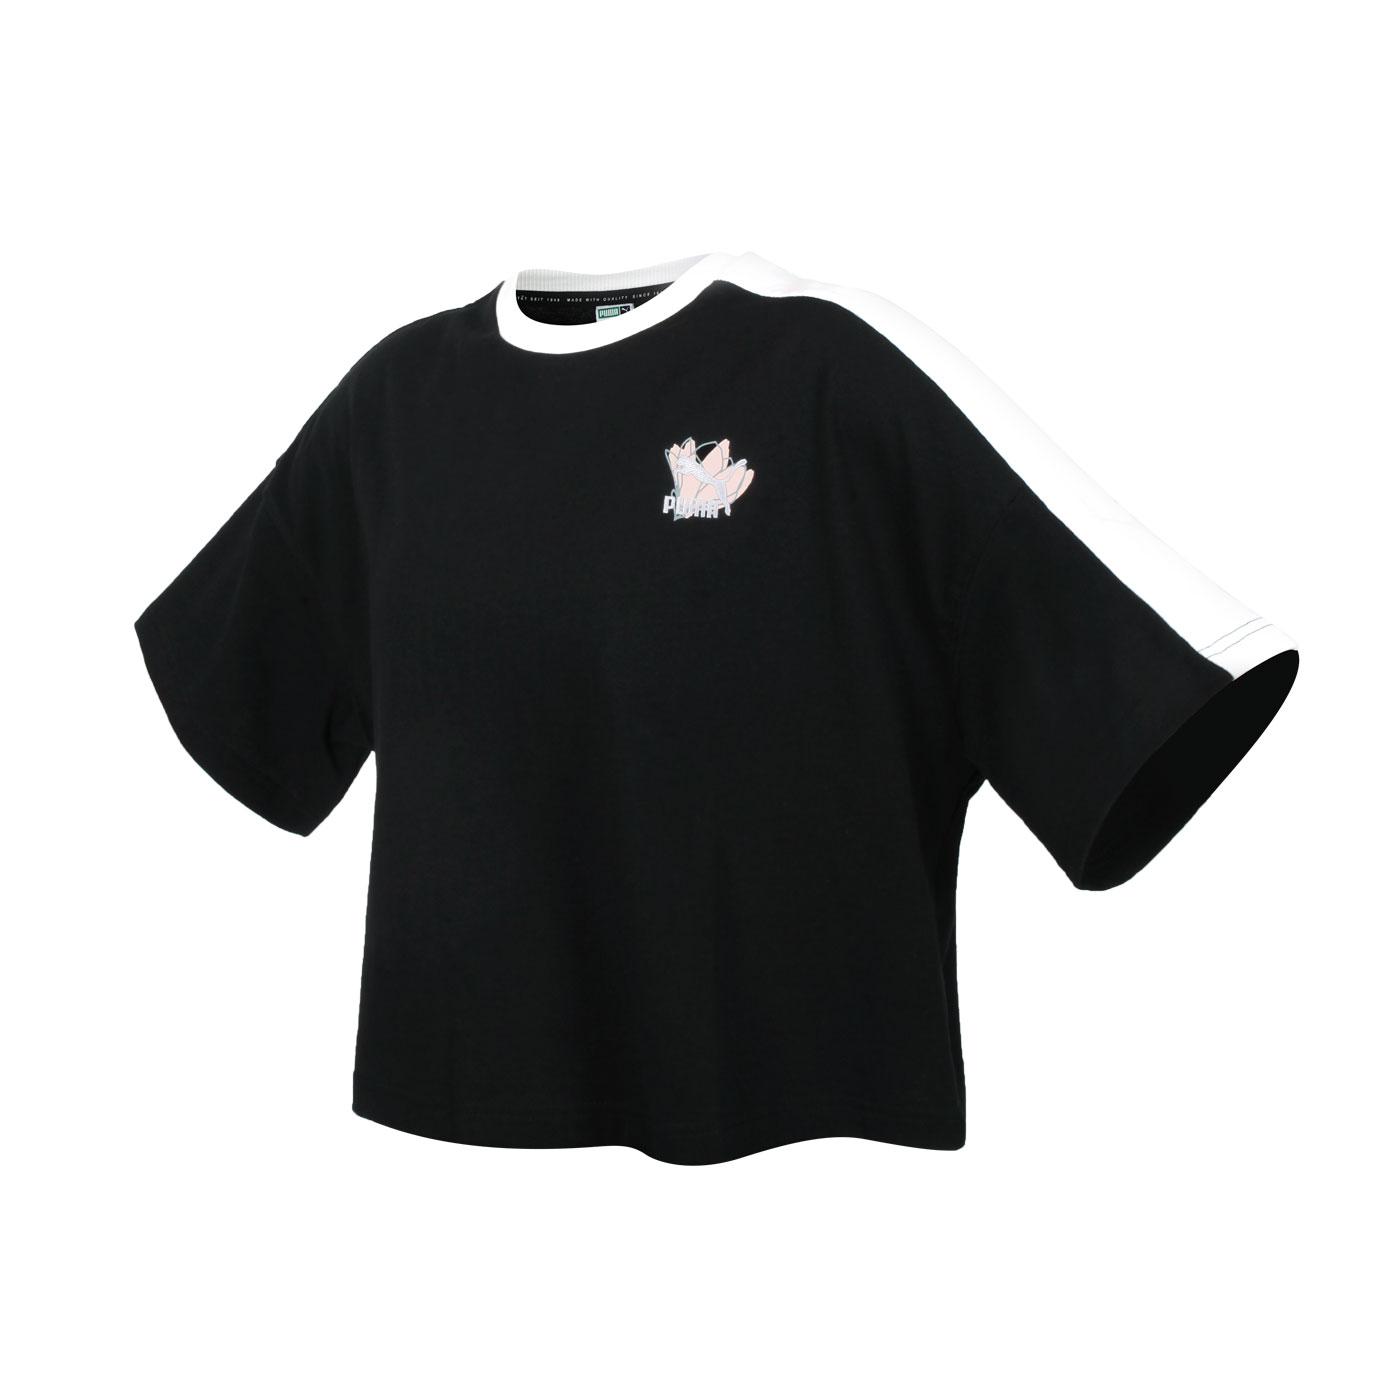 PUMA 女款Floral短袖T恤 53225801 - 黑白粉